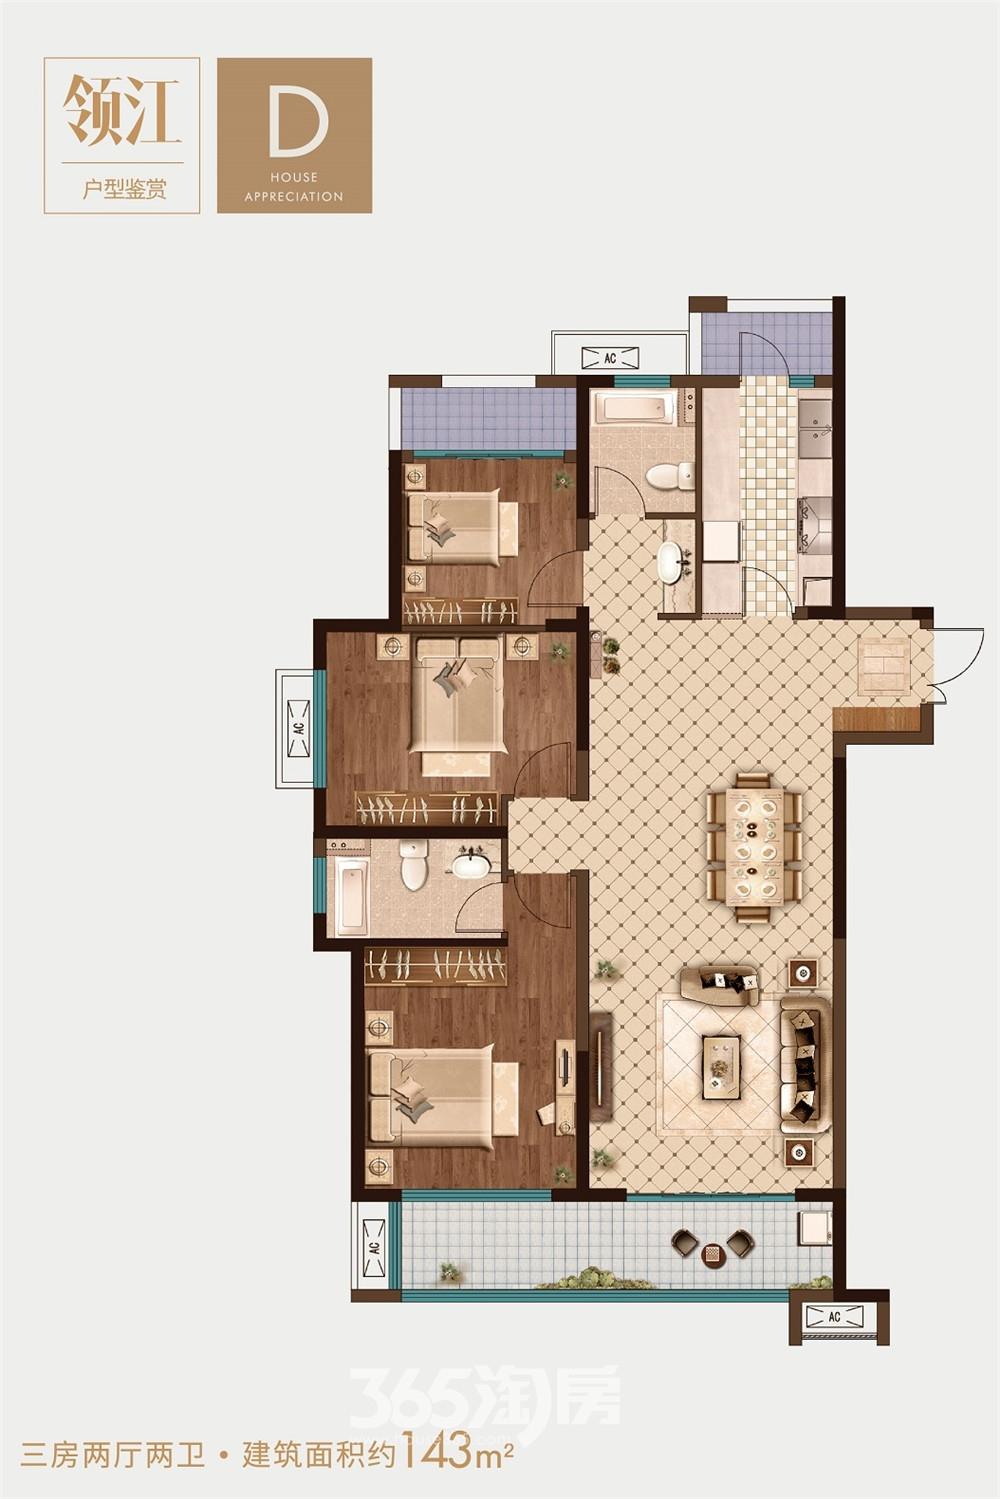 信达玥珑湾D户型领江三室两厅两卫143平